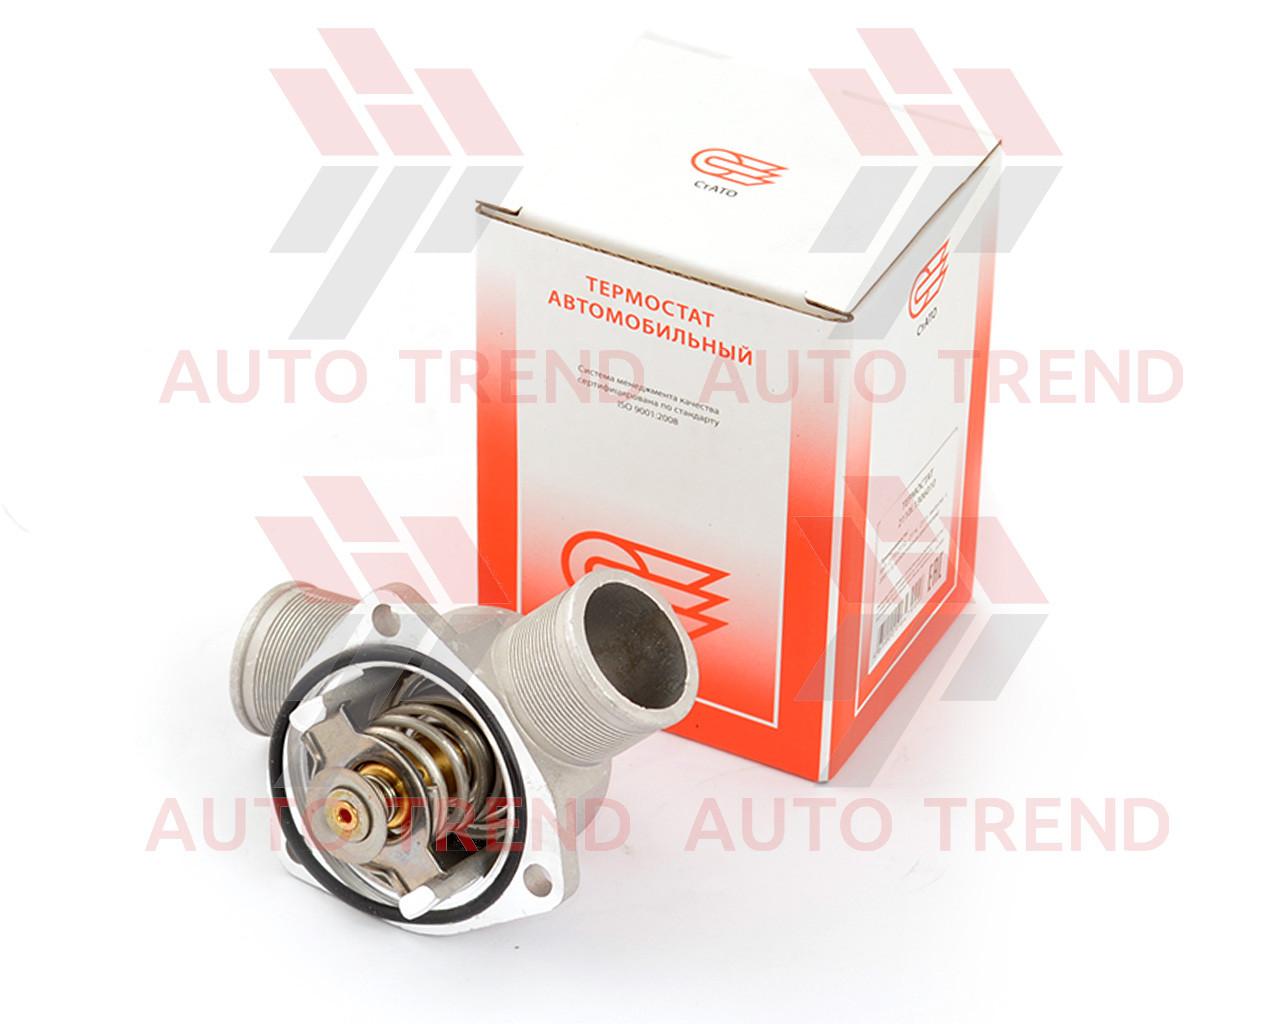 Крышка термостата ВАЗ 2110-2112, 2114, 2115 выпуска с 2003 г. с термоэлементом